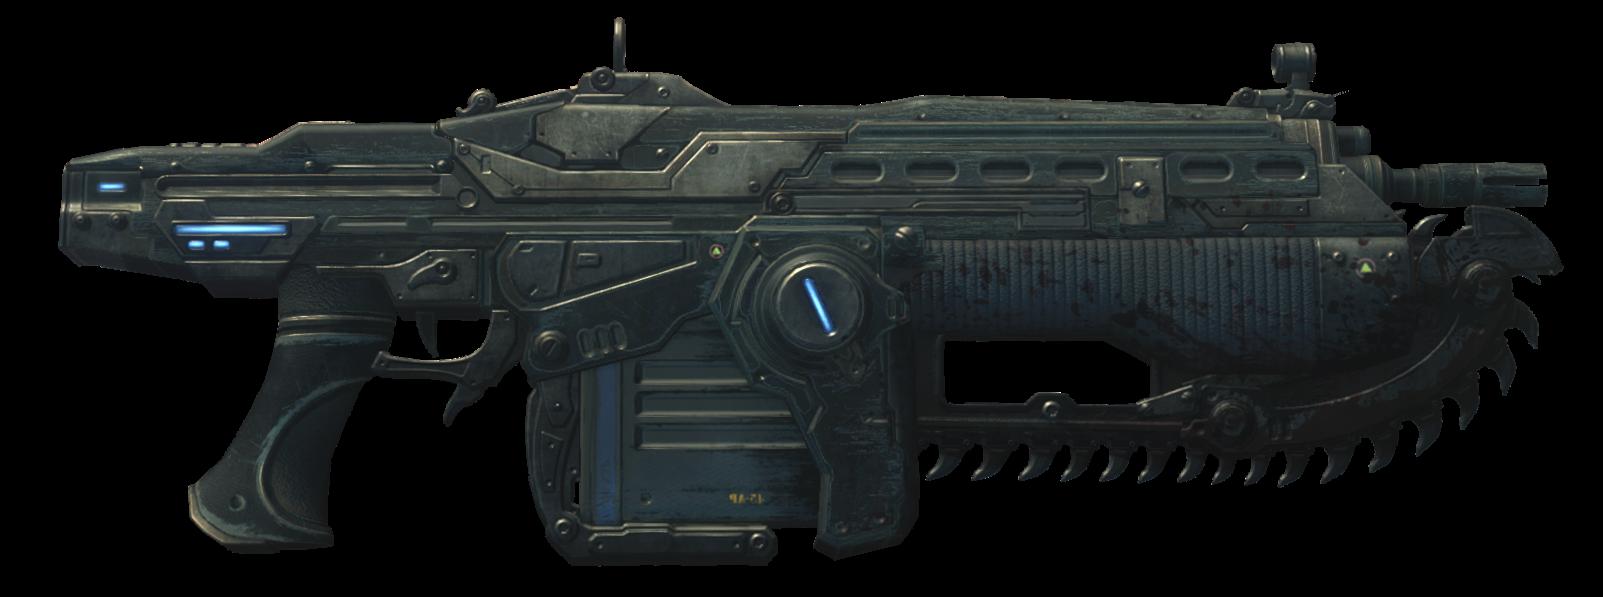 mark 2 lancer assault rifle gears of war fandom powered by wikia